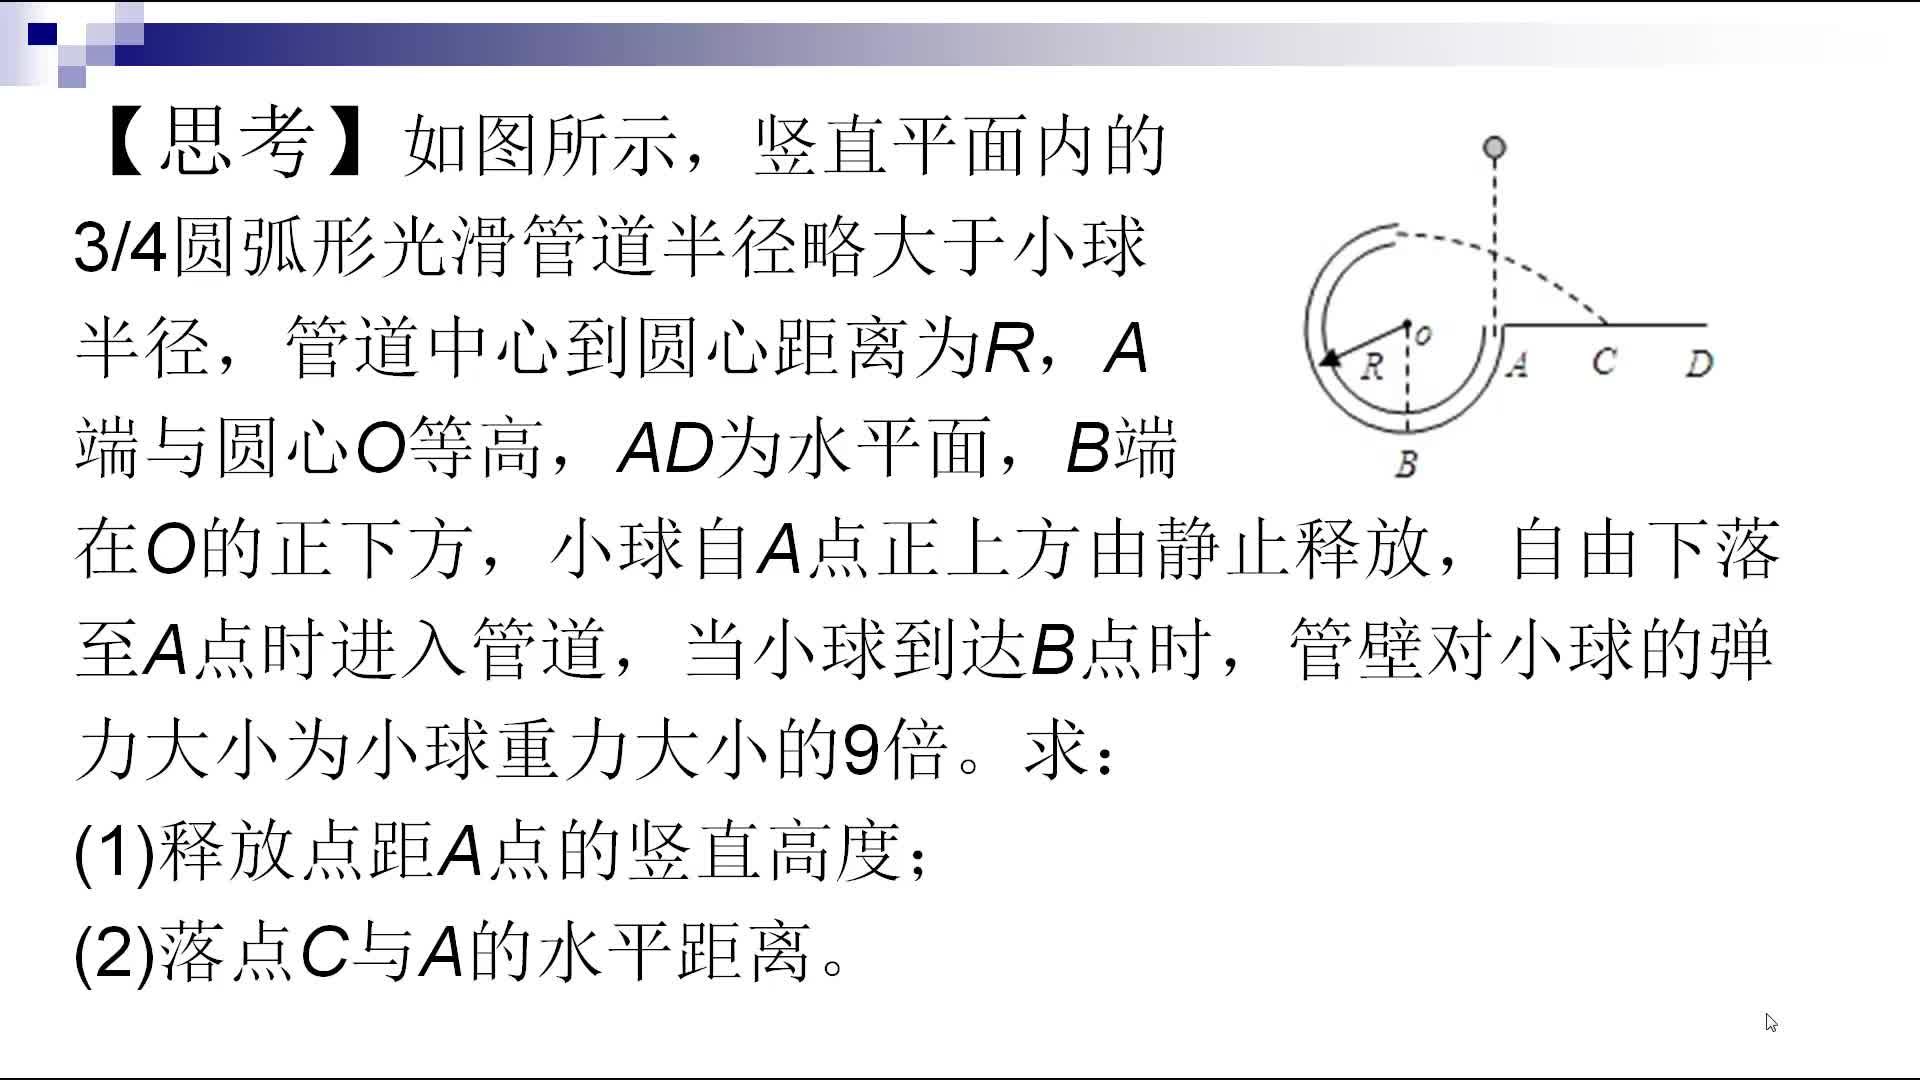 人教版高中物理必修二 第七章 机械能守恒定律-小球的三种运动(机械能守恒定律难点辨析)(视频微课堂)